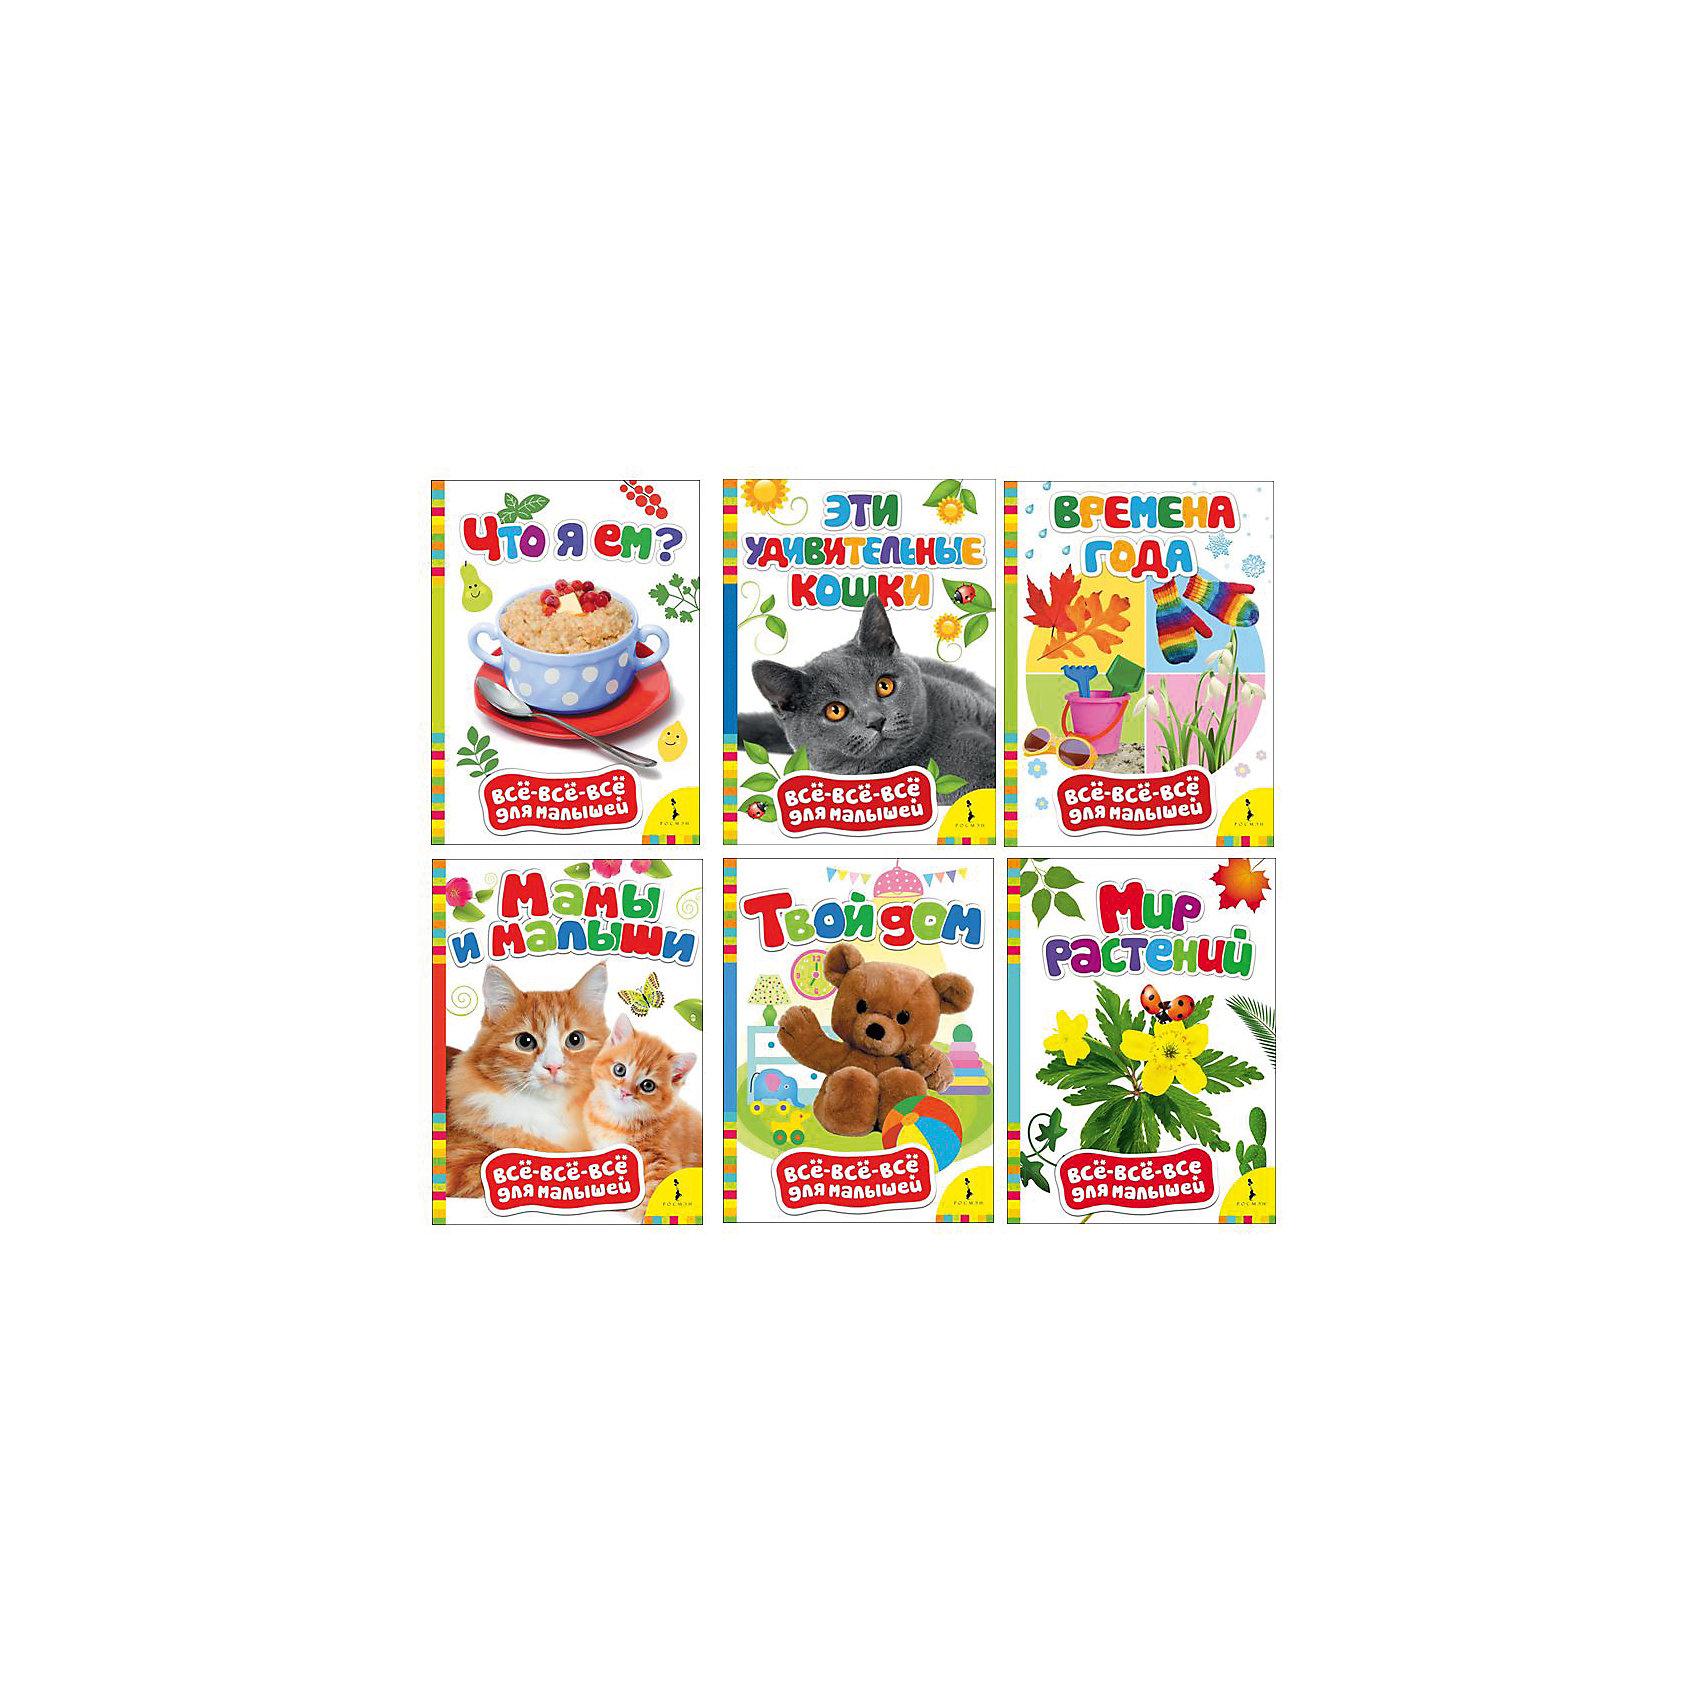 Комплект Обучающие книжки для девочекРосмэн<br>Комплект Обучающие книжки для девочек ? это картонные книги-игрушки, выпущенные отечественным издательством Росмэн.  Комплект серии Все-все-все для малышей<br>состоит из шести книг Мамы и малыши, Мир растений, Времена года, Твой дом, Что я ем? и Эти удивительные кошки. Объем каждой книжки составляет 8 страниц. Книги знакомят самых маленьких окружающим миром. Яркие красочные фотографии и иллюстрации сопровождаются подписями, к каждой картинке имеются простые задания, направленные на развитие речи и расширение кругозора ребенка. Книги имеют компактный размер, их удобно брать с собой в поездки и путешествия.<br><br>Дополнительная информация:<br><br>- Жанр книг: книги-игрушки<br>- Предназначение: для дома, для детских садов<br>- Серия: Все-все-все для малышей<br>- Материал: картонные книжки<br>- Комплектация: 6 книжек ? Мамы и малыши, Мир растений, Времена года, Твой дом, Что я ем? Эти удивительные кошки<br>- Размер (Д*Ш*В): 22*16*2,5 см<br><br>Подробнее:<br><br>• Для детей в возрасте: от 0 месяцев <br>• Издательство: Росмэн<br>• Страна производитель: Россия<br><br>Комплект 6 обучающих книжек для девочек можно купить в нашем интернет-магазине.<br><br>Ширина мм: 220<br>Глубина мм: 160<br>Высота мм: 25<br>Вес г: 650<br>Возраст от месяцев: 0<br>Возраст до месяцев: 36<br>Пол: Женский<br>Возраст: Детский<br>SKU: 4870292